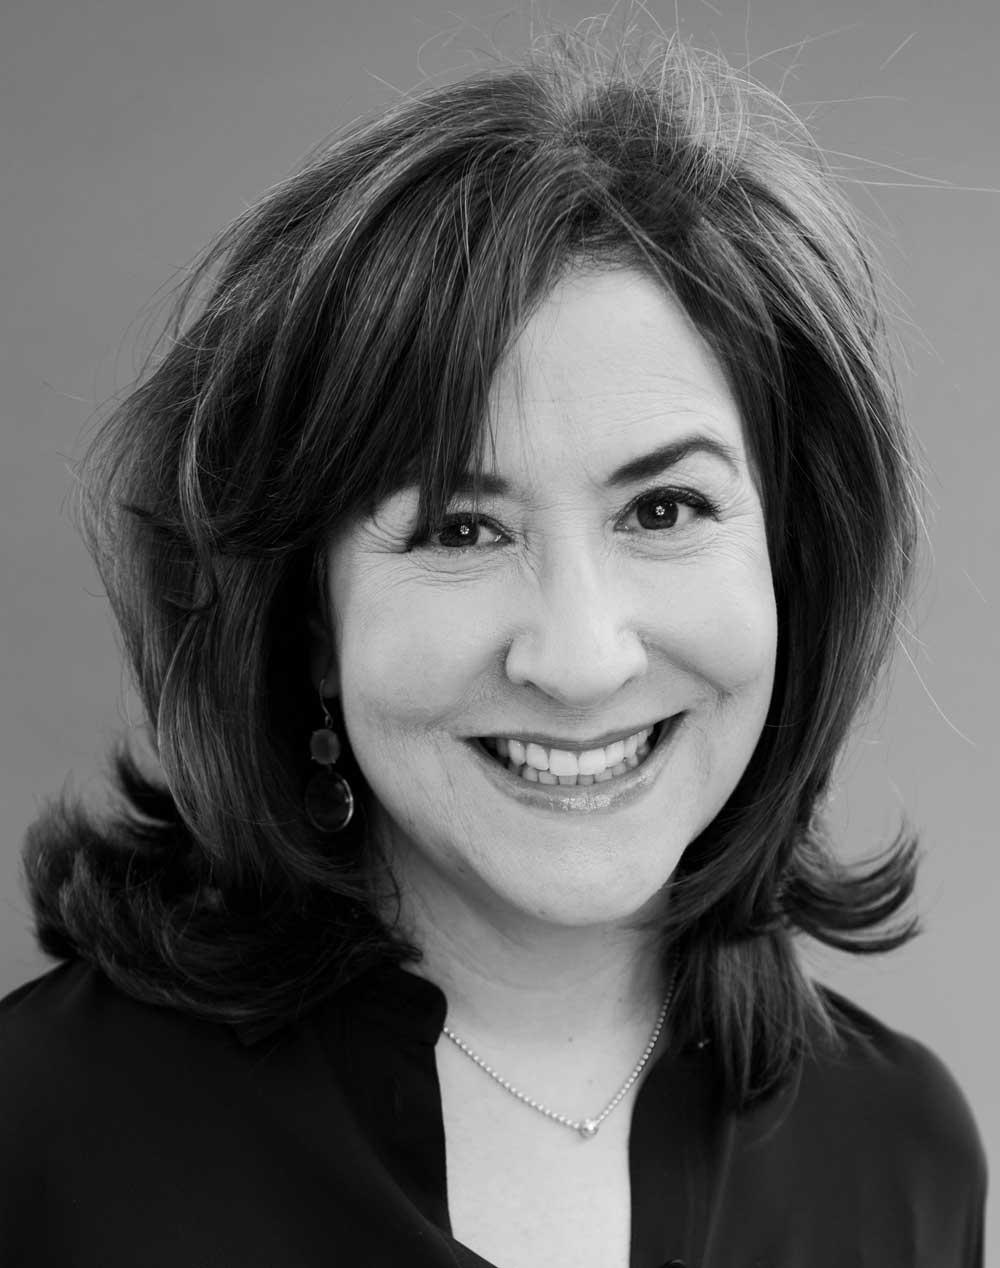 Dr. Susie Tanchel